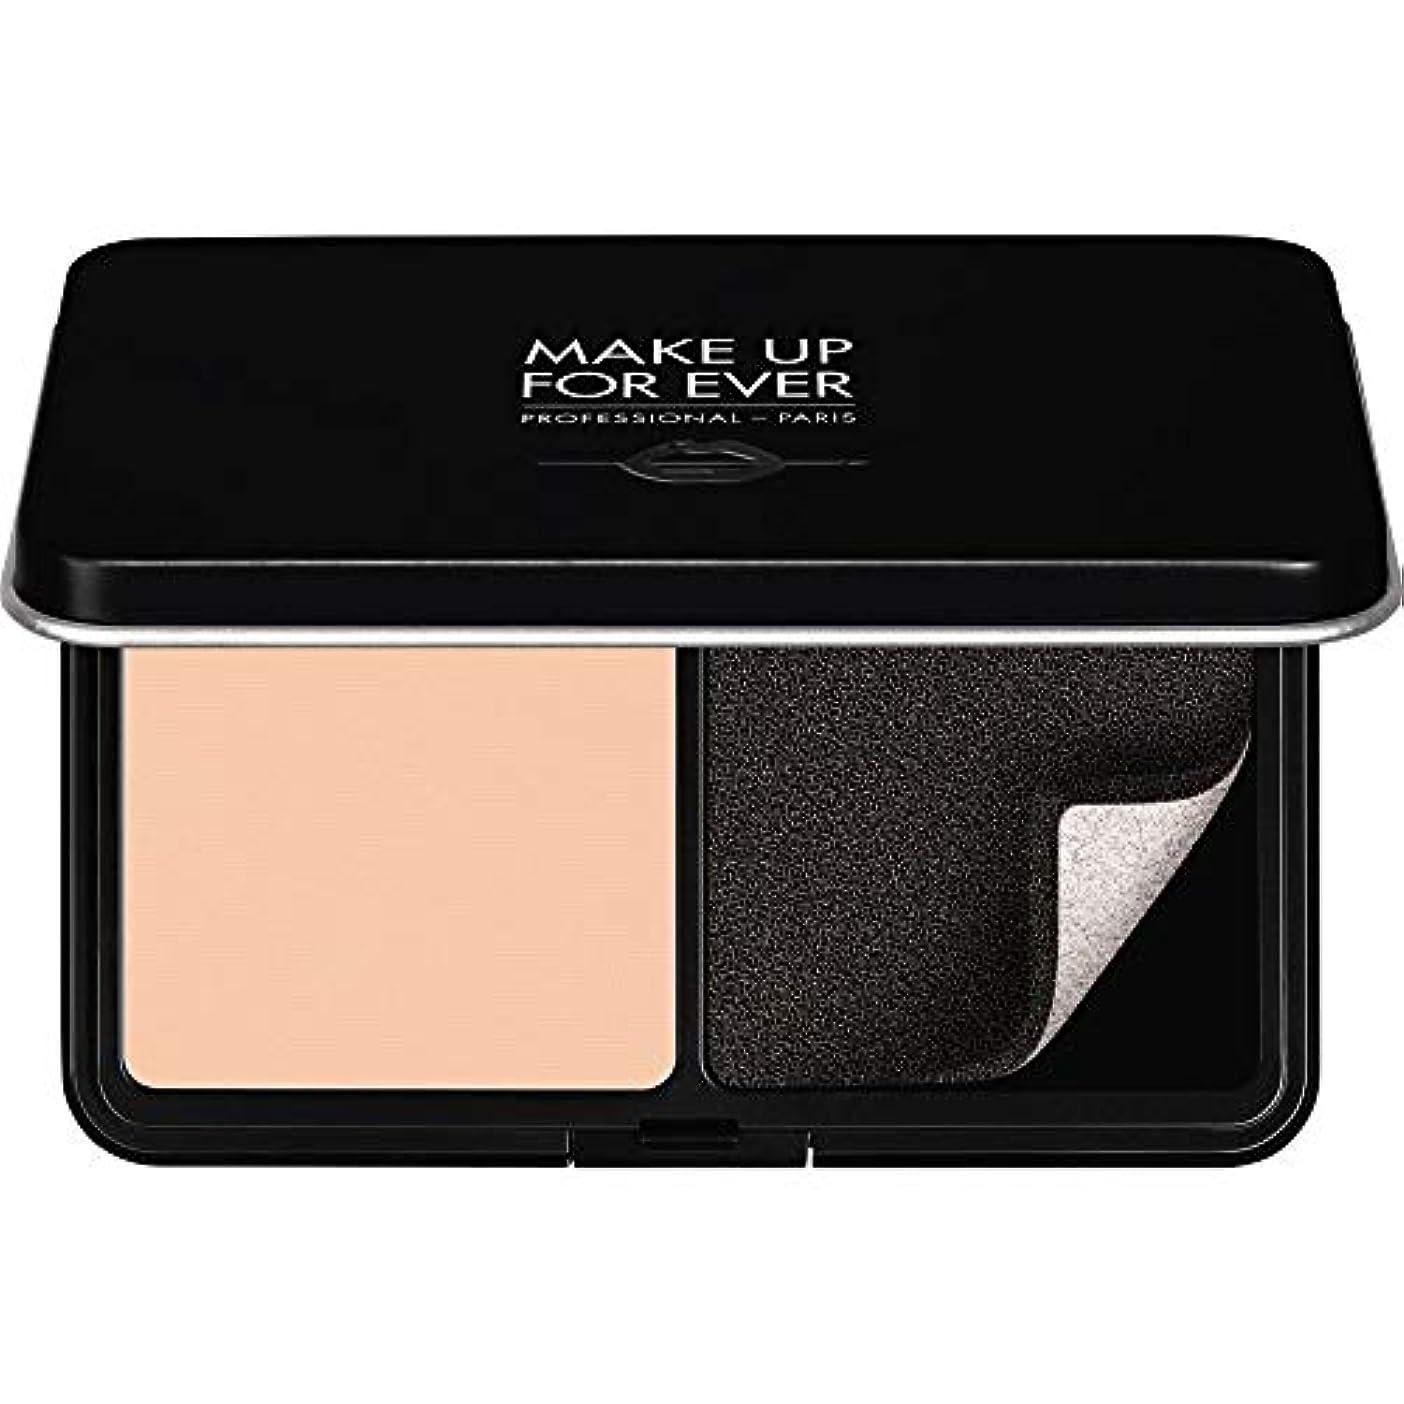 詩素晴らしいです受粉者[MAKE UP FOR EVER ] パウダーファンデーション11GののR210をぼかし、これまでマットベルベットの肌を補う - ピンクアラバスター - MAKE UP FOR EVER Matte Velvet Skin Blurring Powder Foundation 11g R210 - Pink Alabaster [並行輸入品]